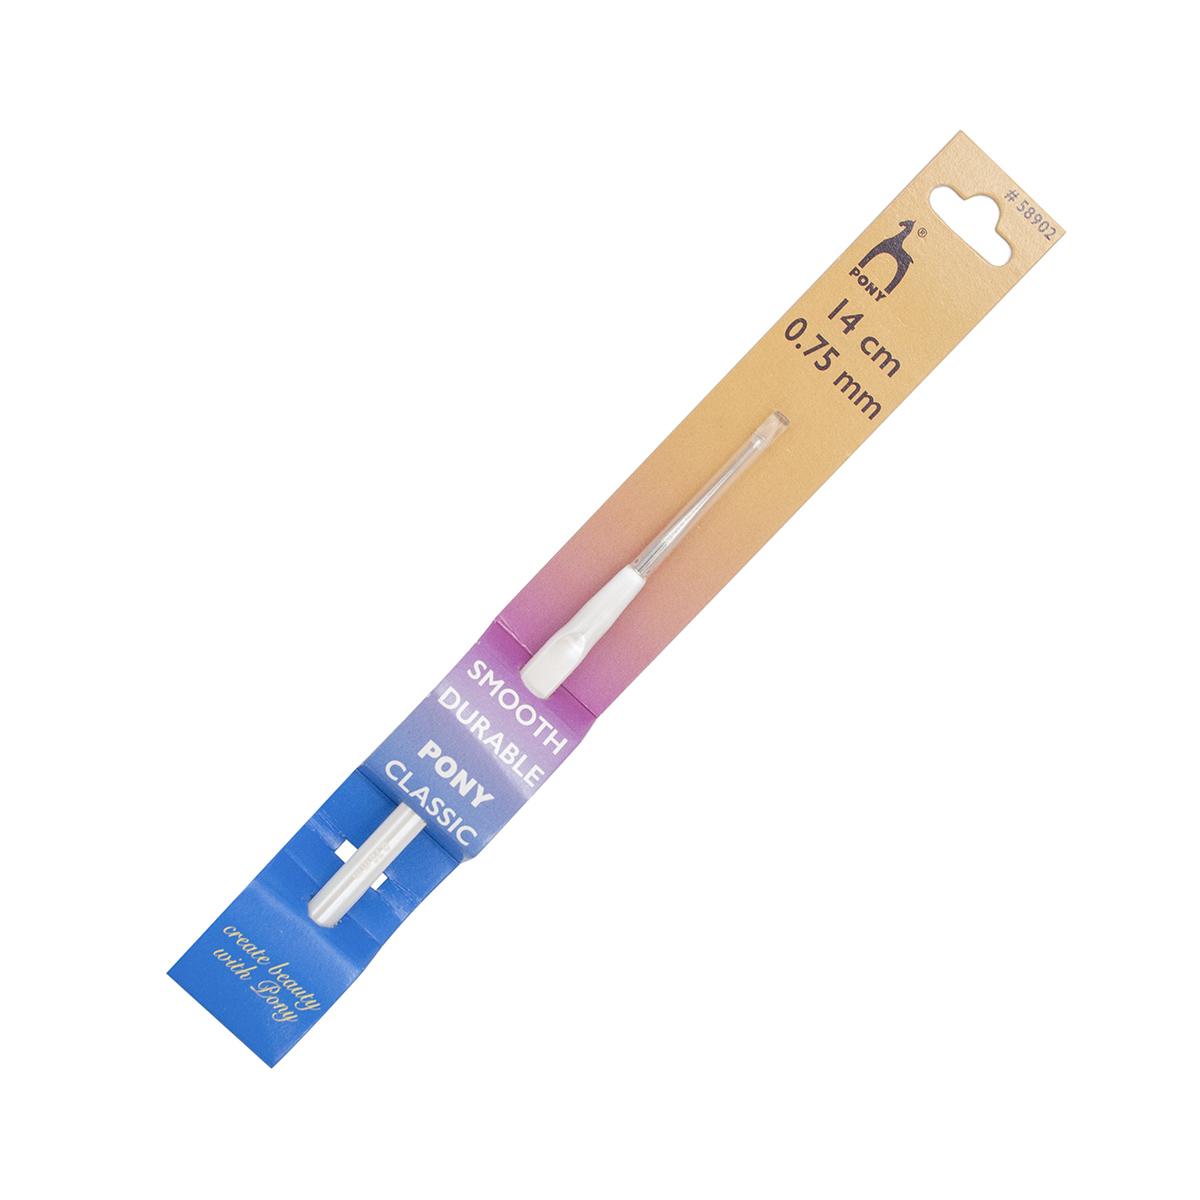 58902 Крючок вязальный 0,75мм*14см, сталь, с пластиковой ручкой PONY